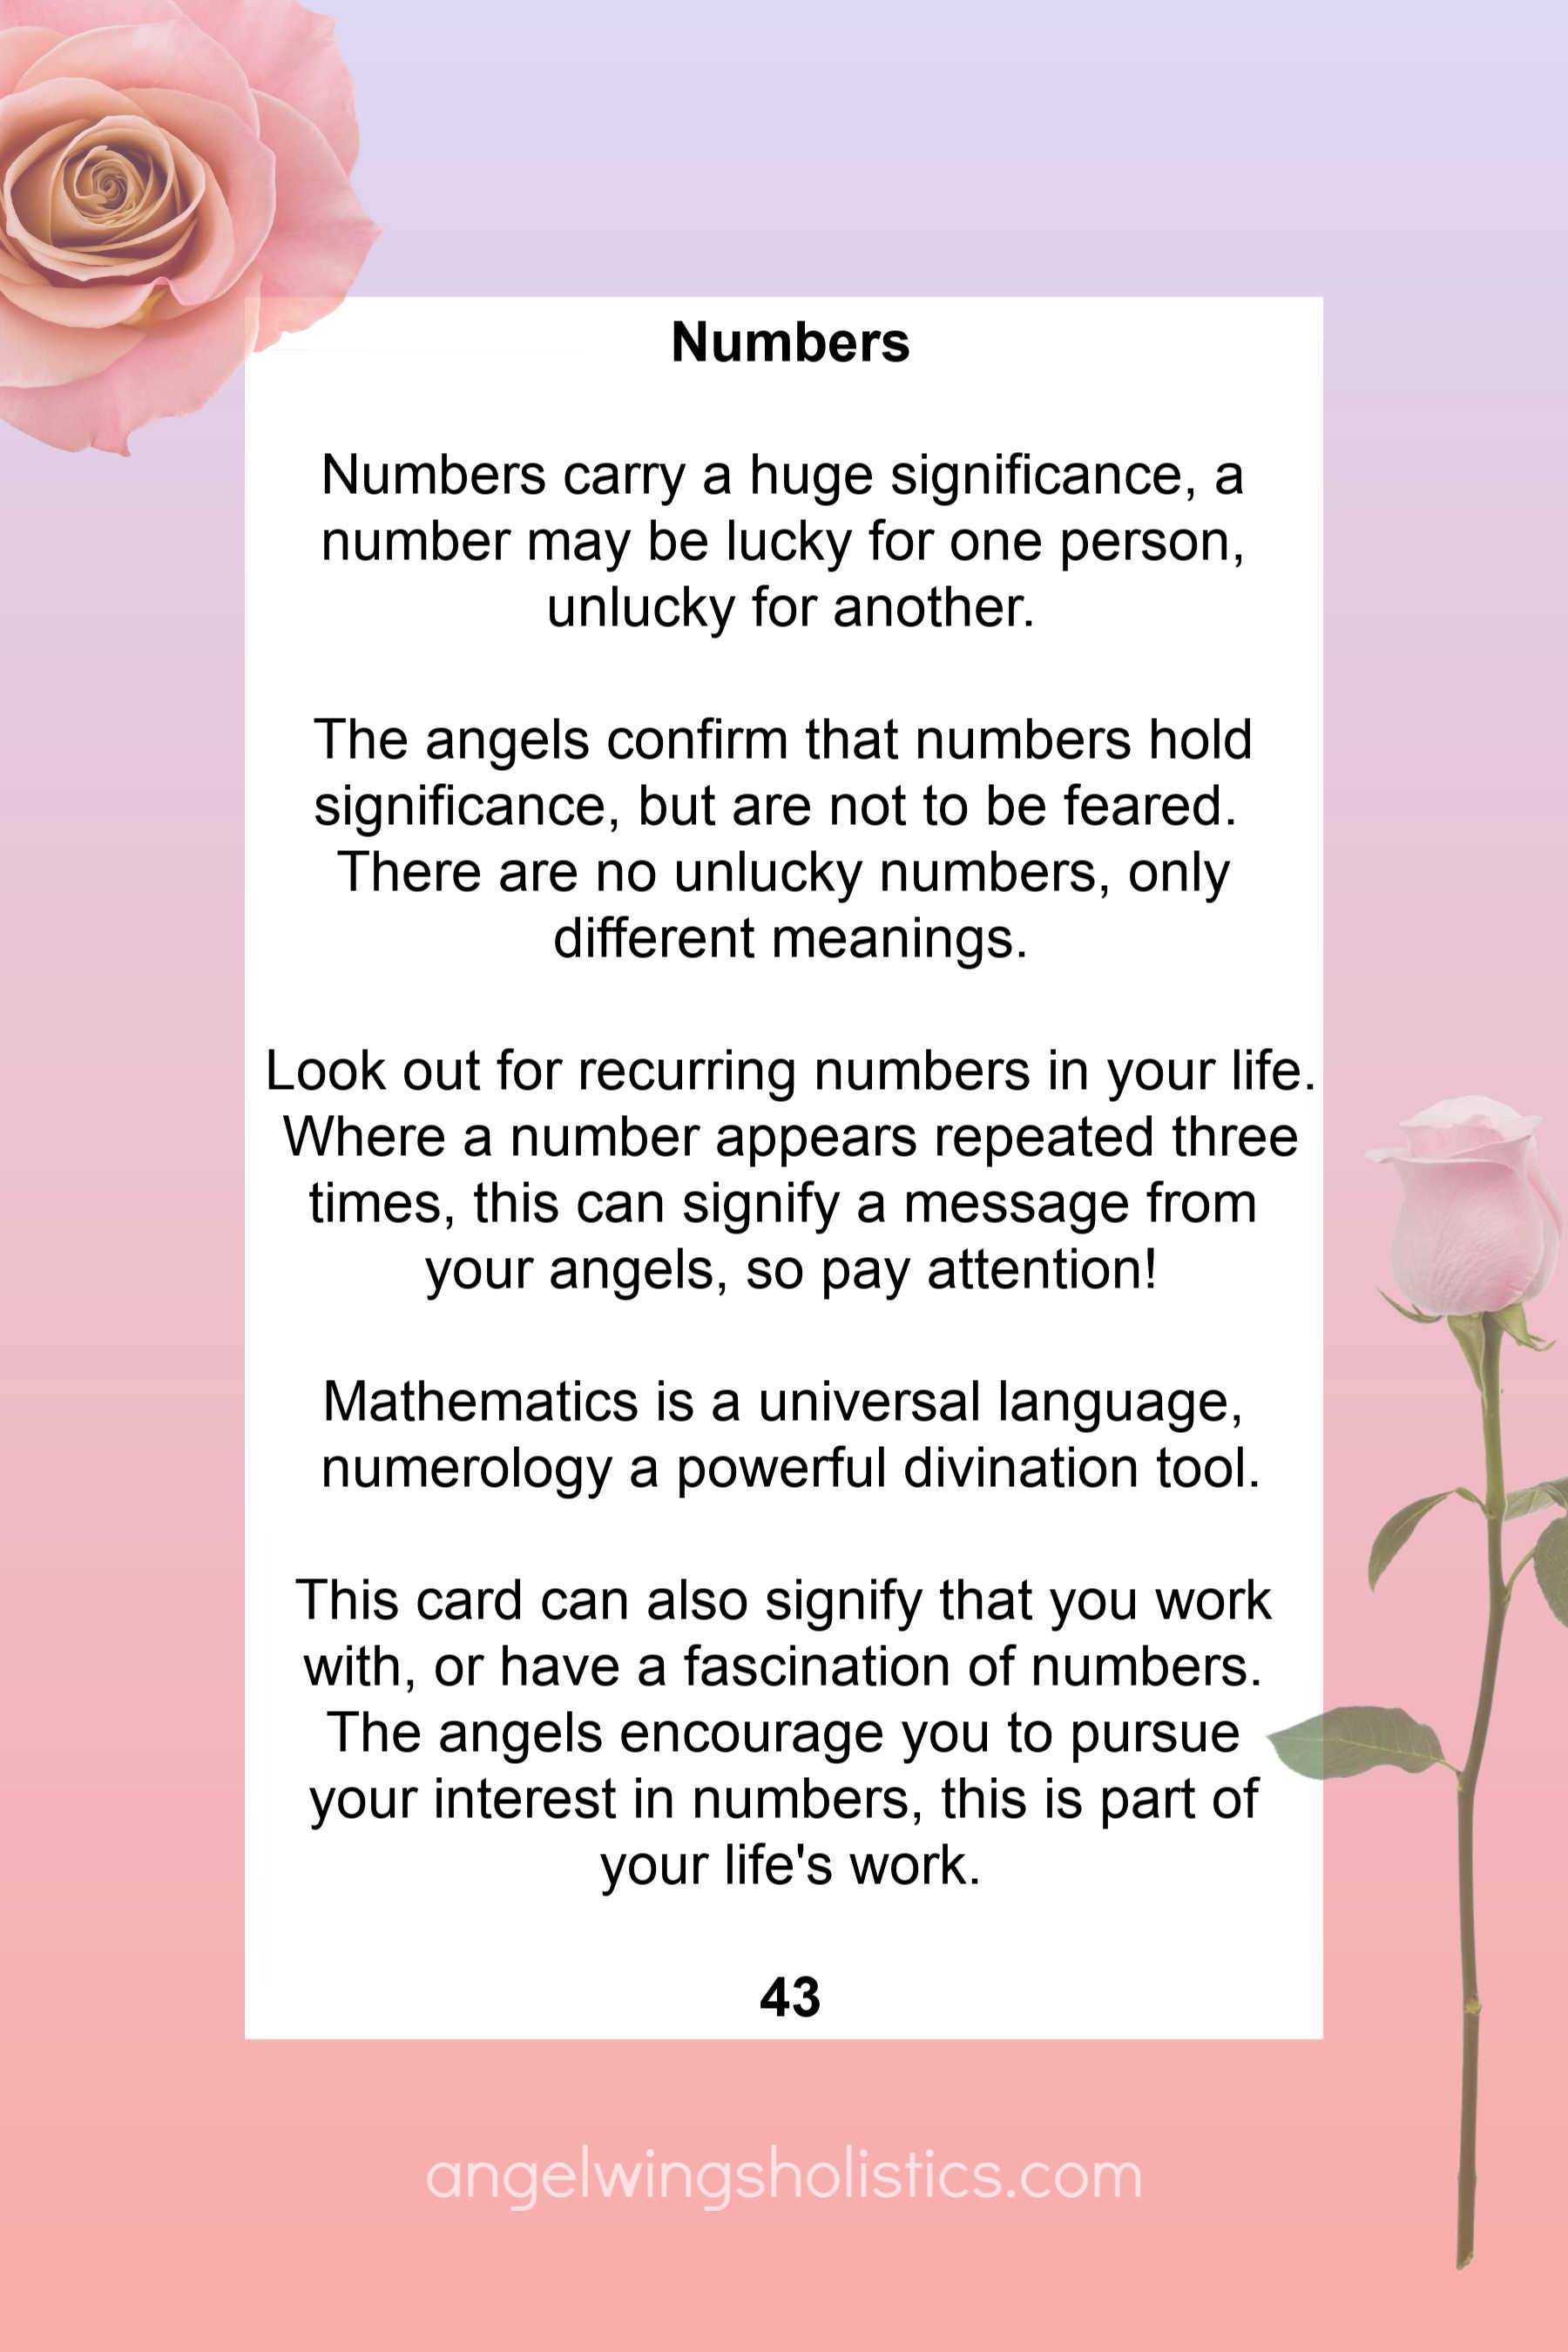 43-numbers.jpg